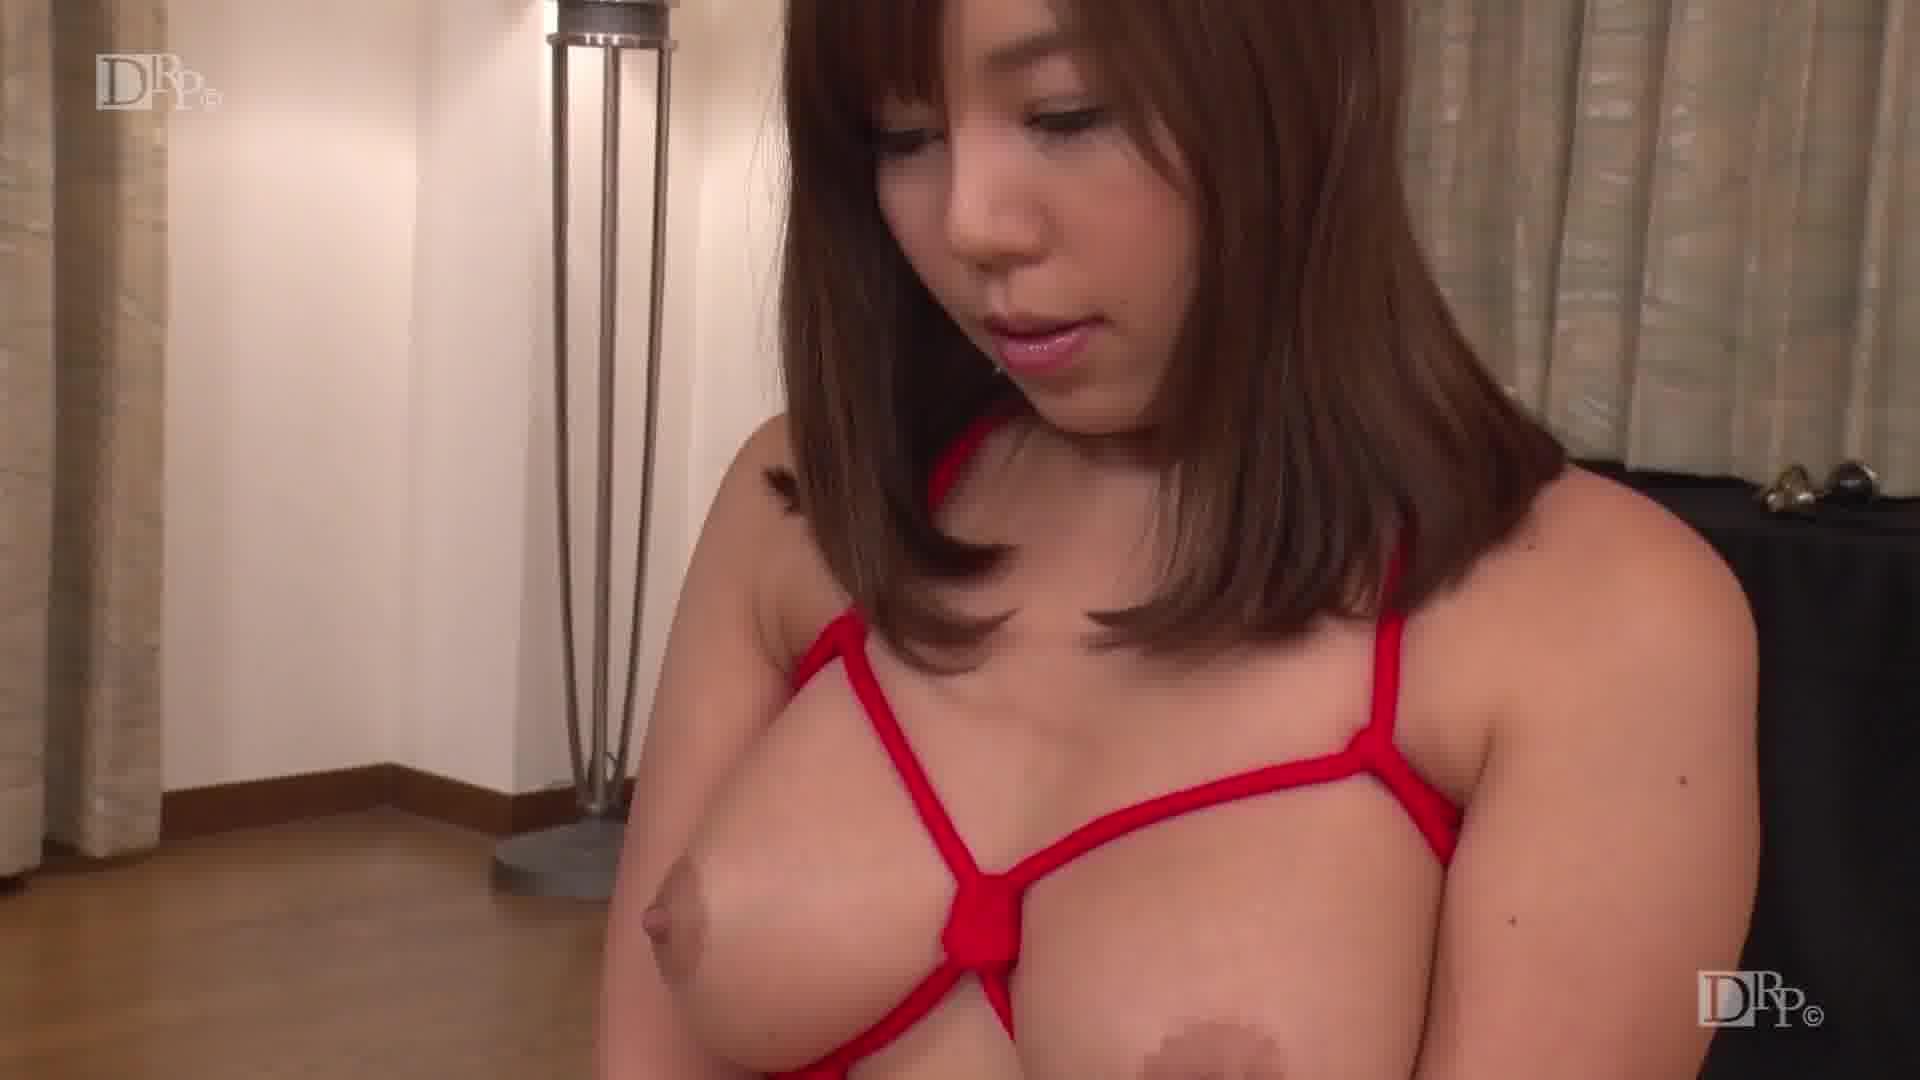 ダイナマイト 西条沙羅 - 西条沙羅【美乳・乱交・パイズリ】